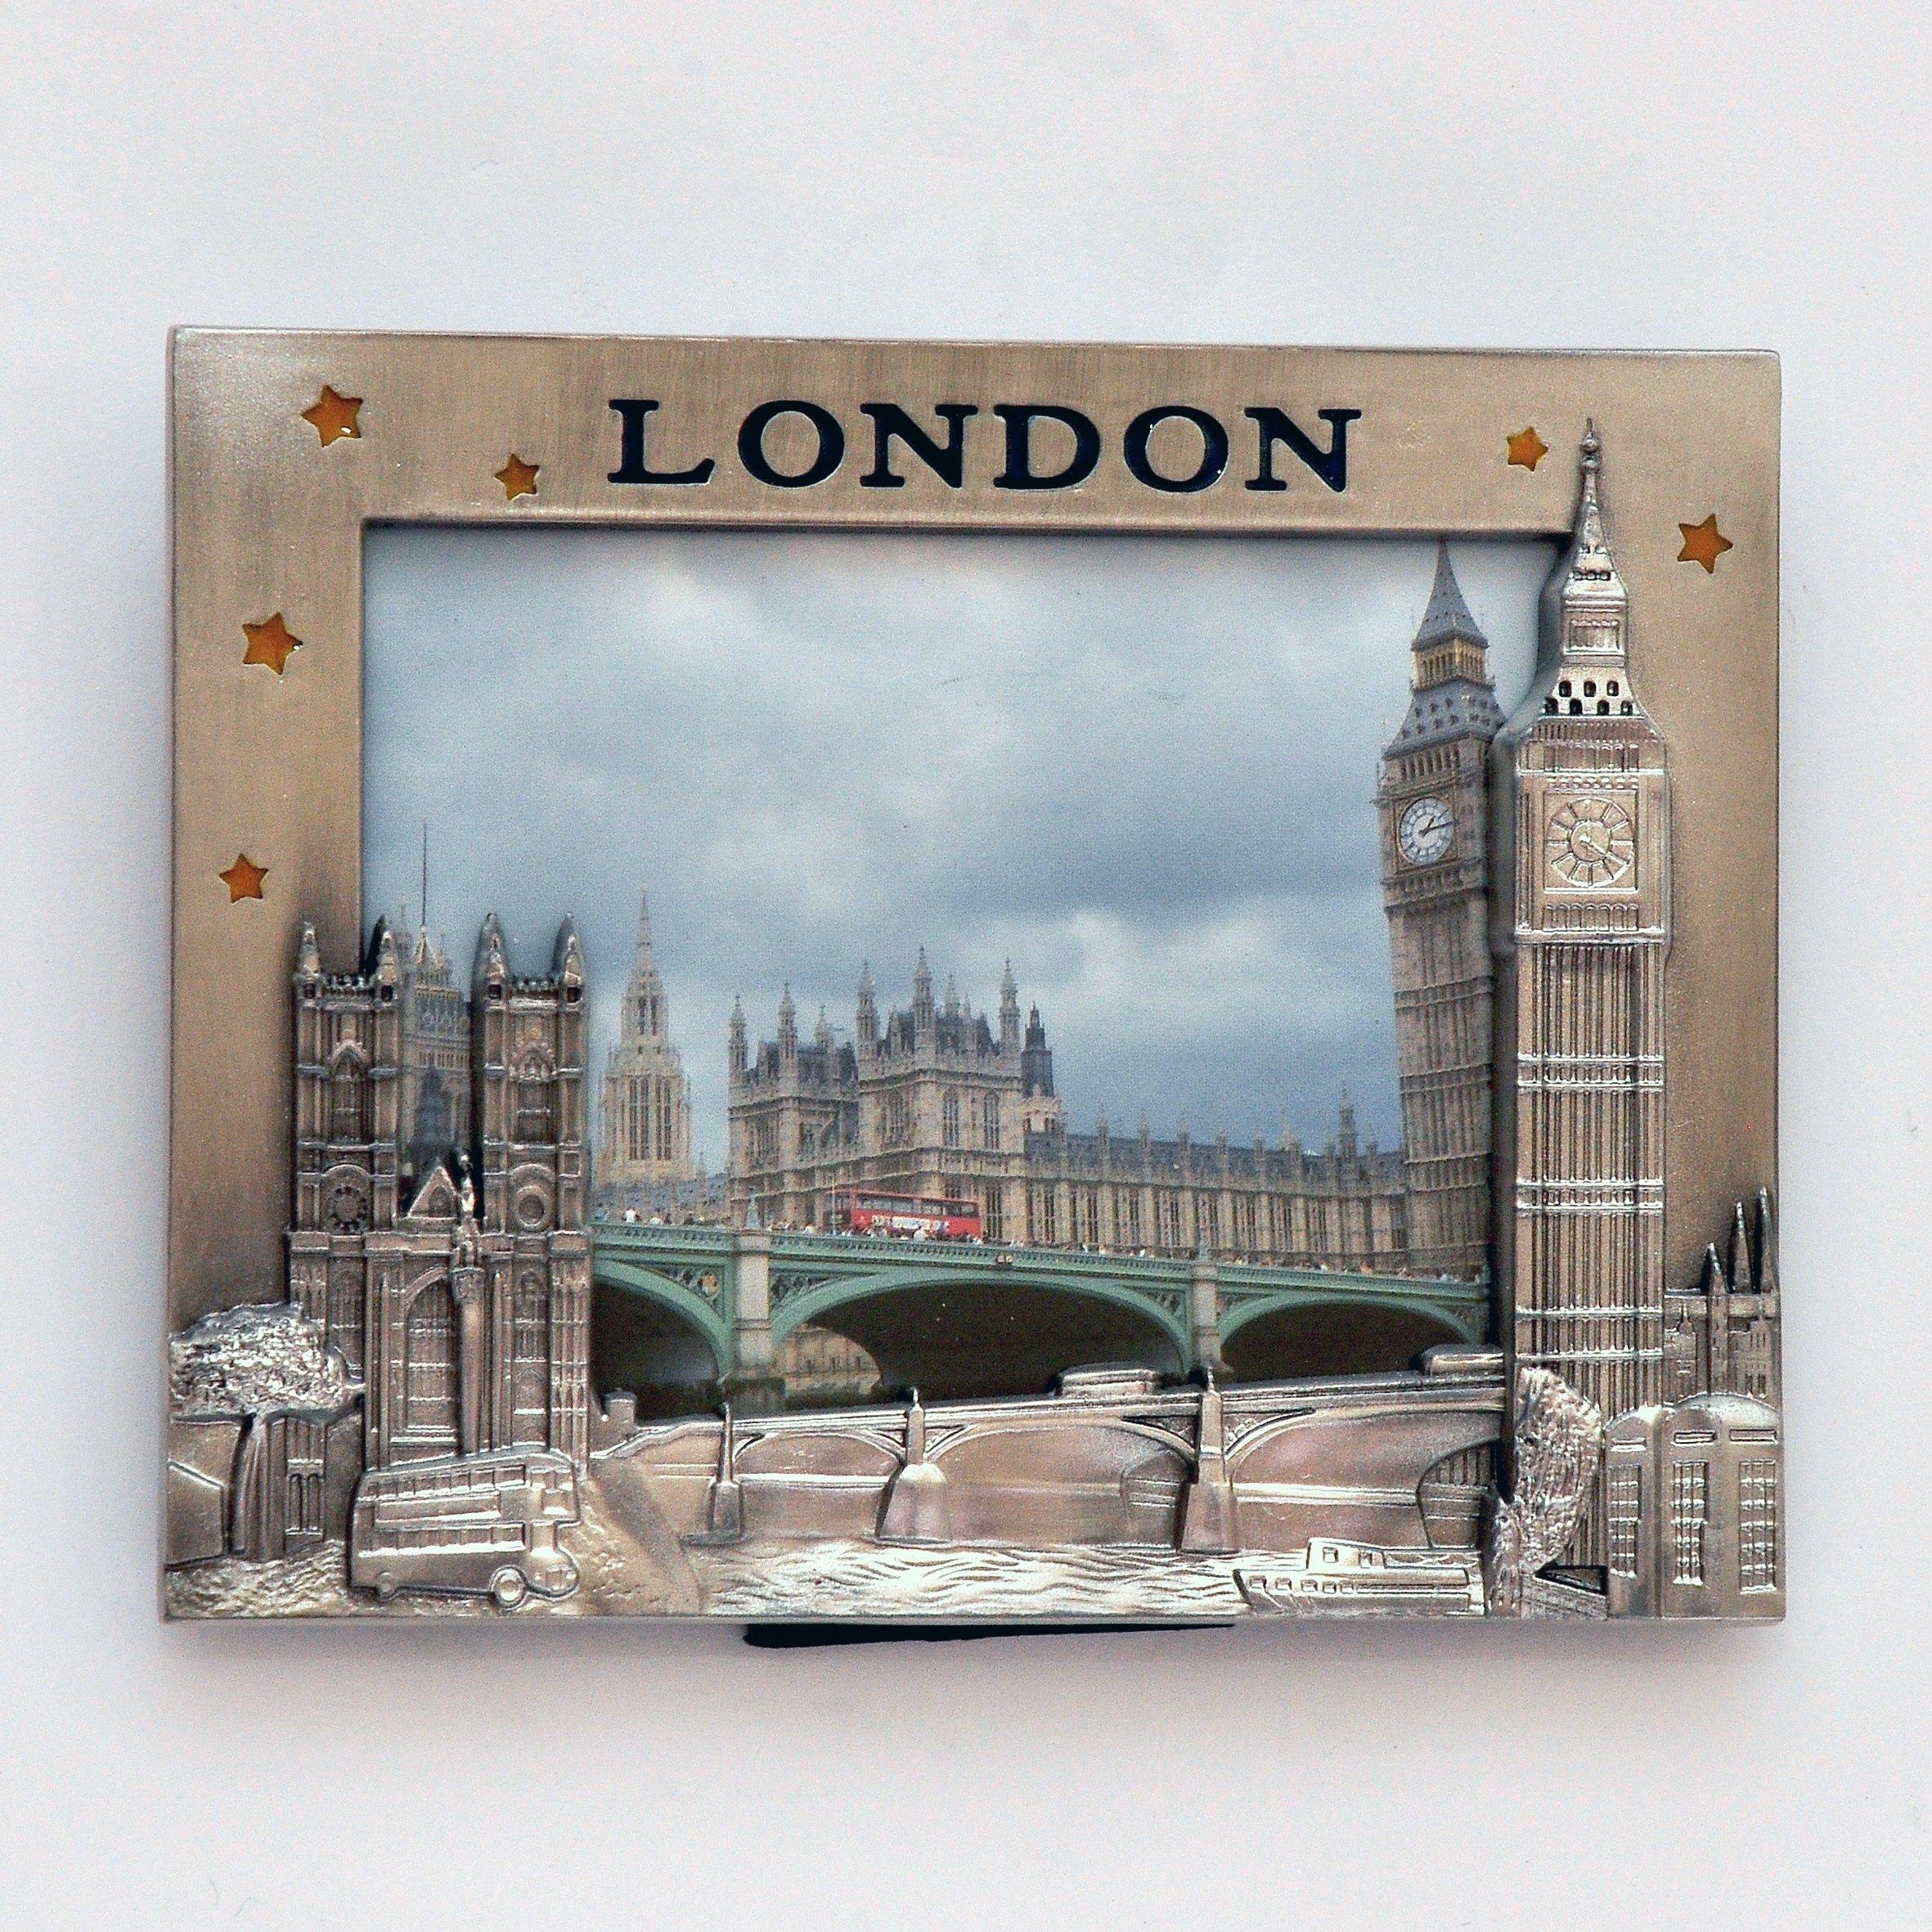 I Love London Photo Frame - Metal Photo Frame - London Souvenir Photo Frame - London Icons Metal Photo Frame - Big Ben, Tower Bridge London Eye Photo frame + LONDON ICONS PHOTO FRAME CUM FRIDGE MAGNET by London Souvenirs (Image #1)